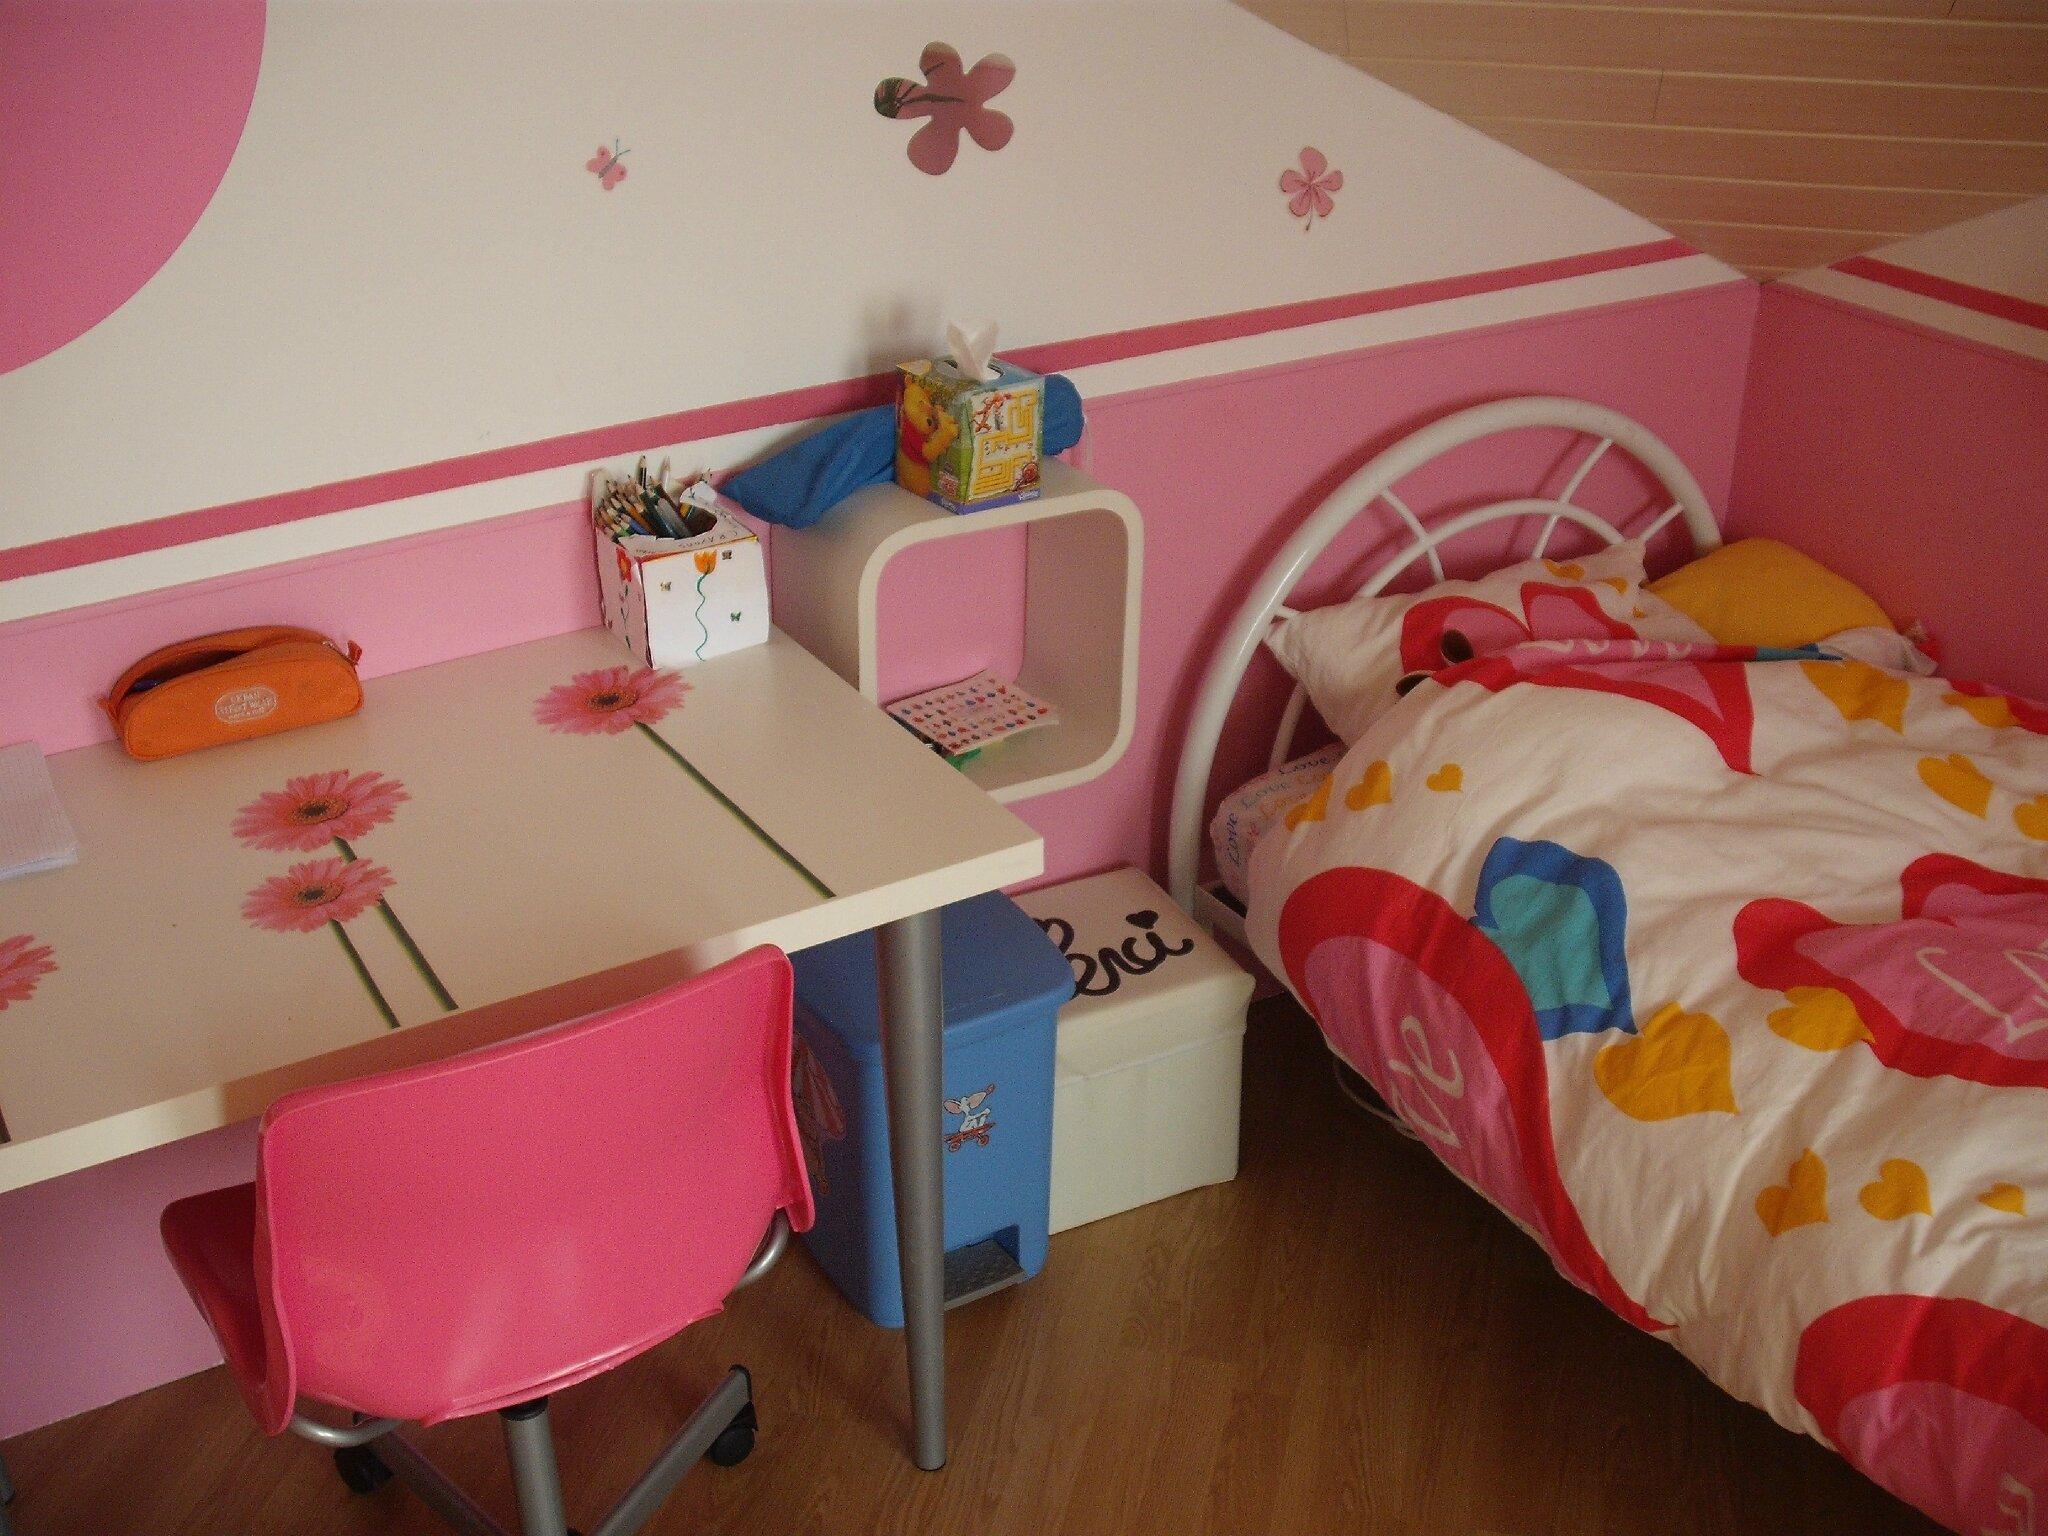 Excellent chambre fille london dco paris dans une chambre - Decoration chambre paris ...